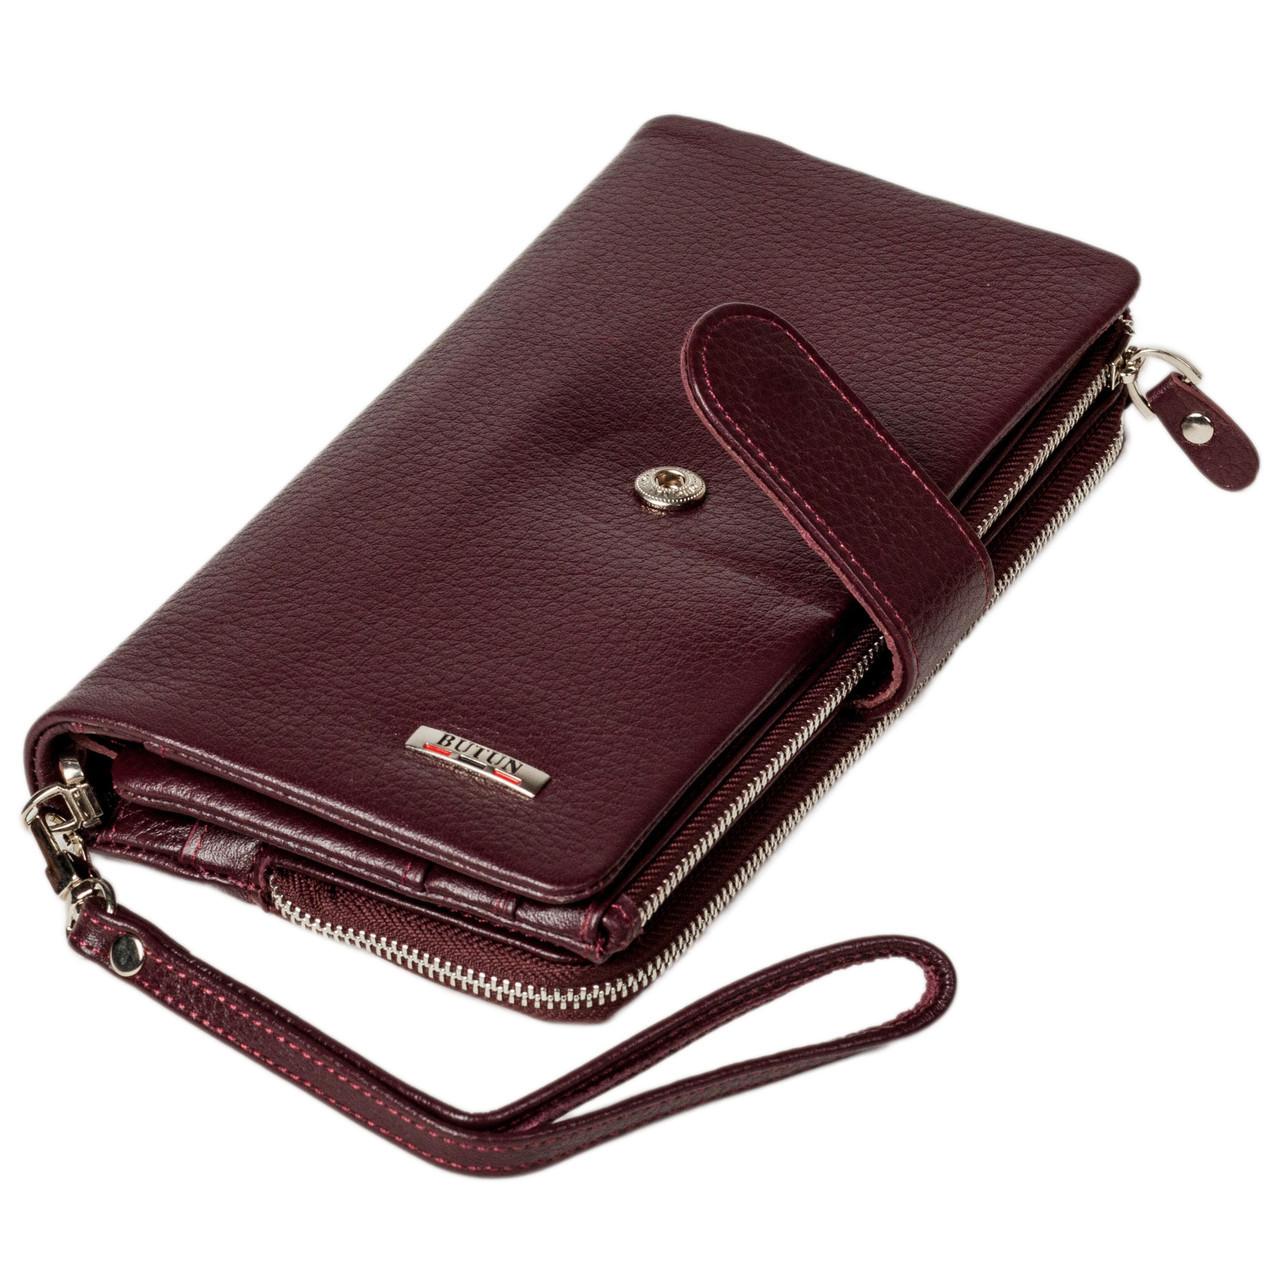 Женский клатч кожаный бордовый BUTUN 022-004-002